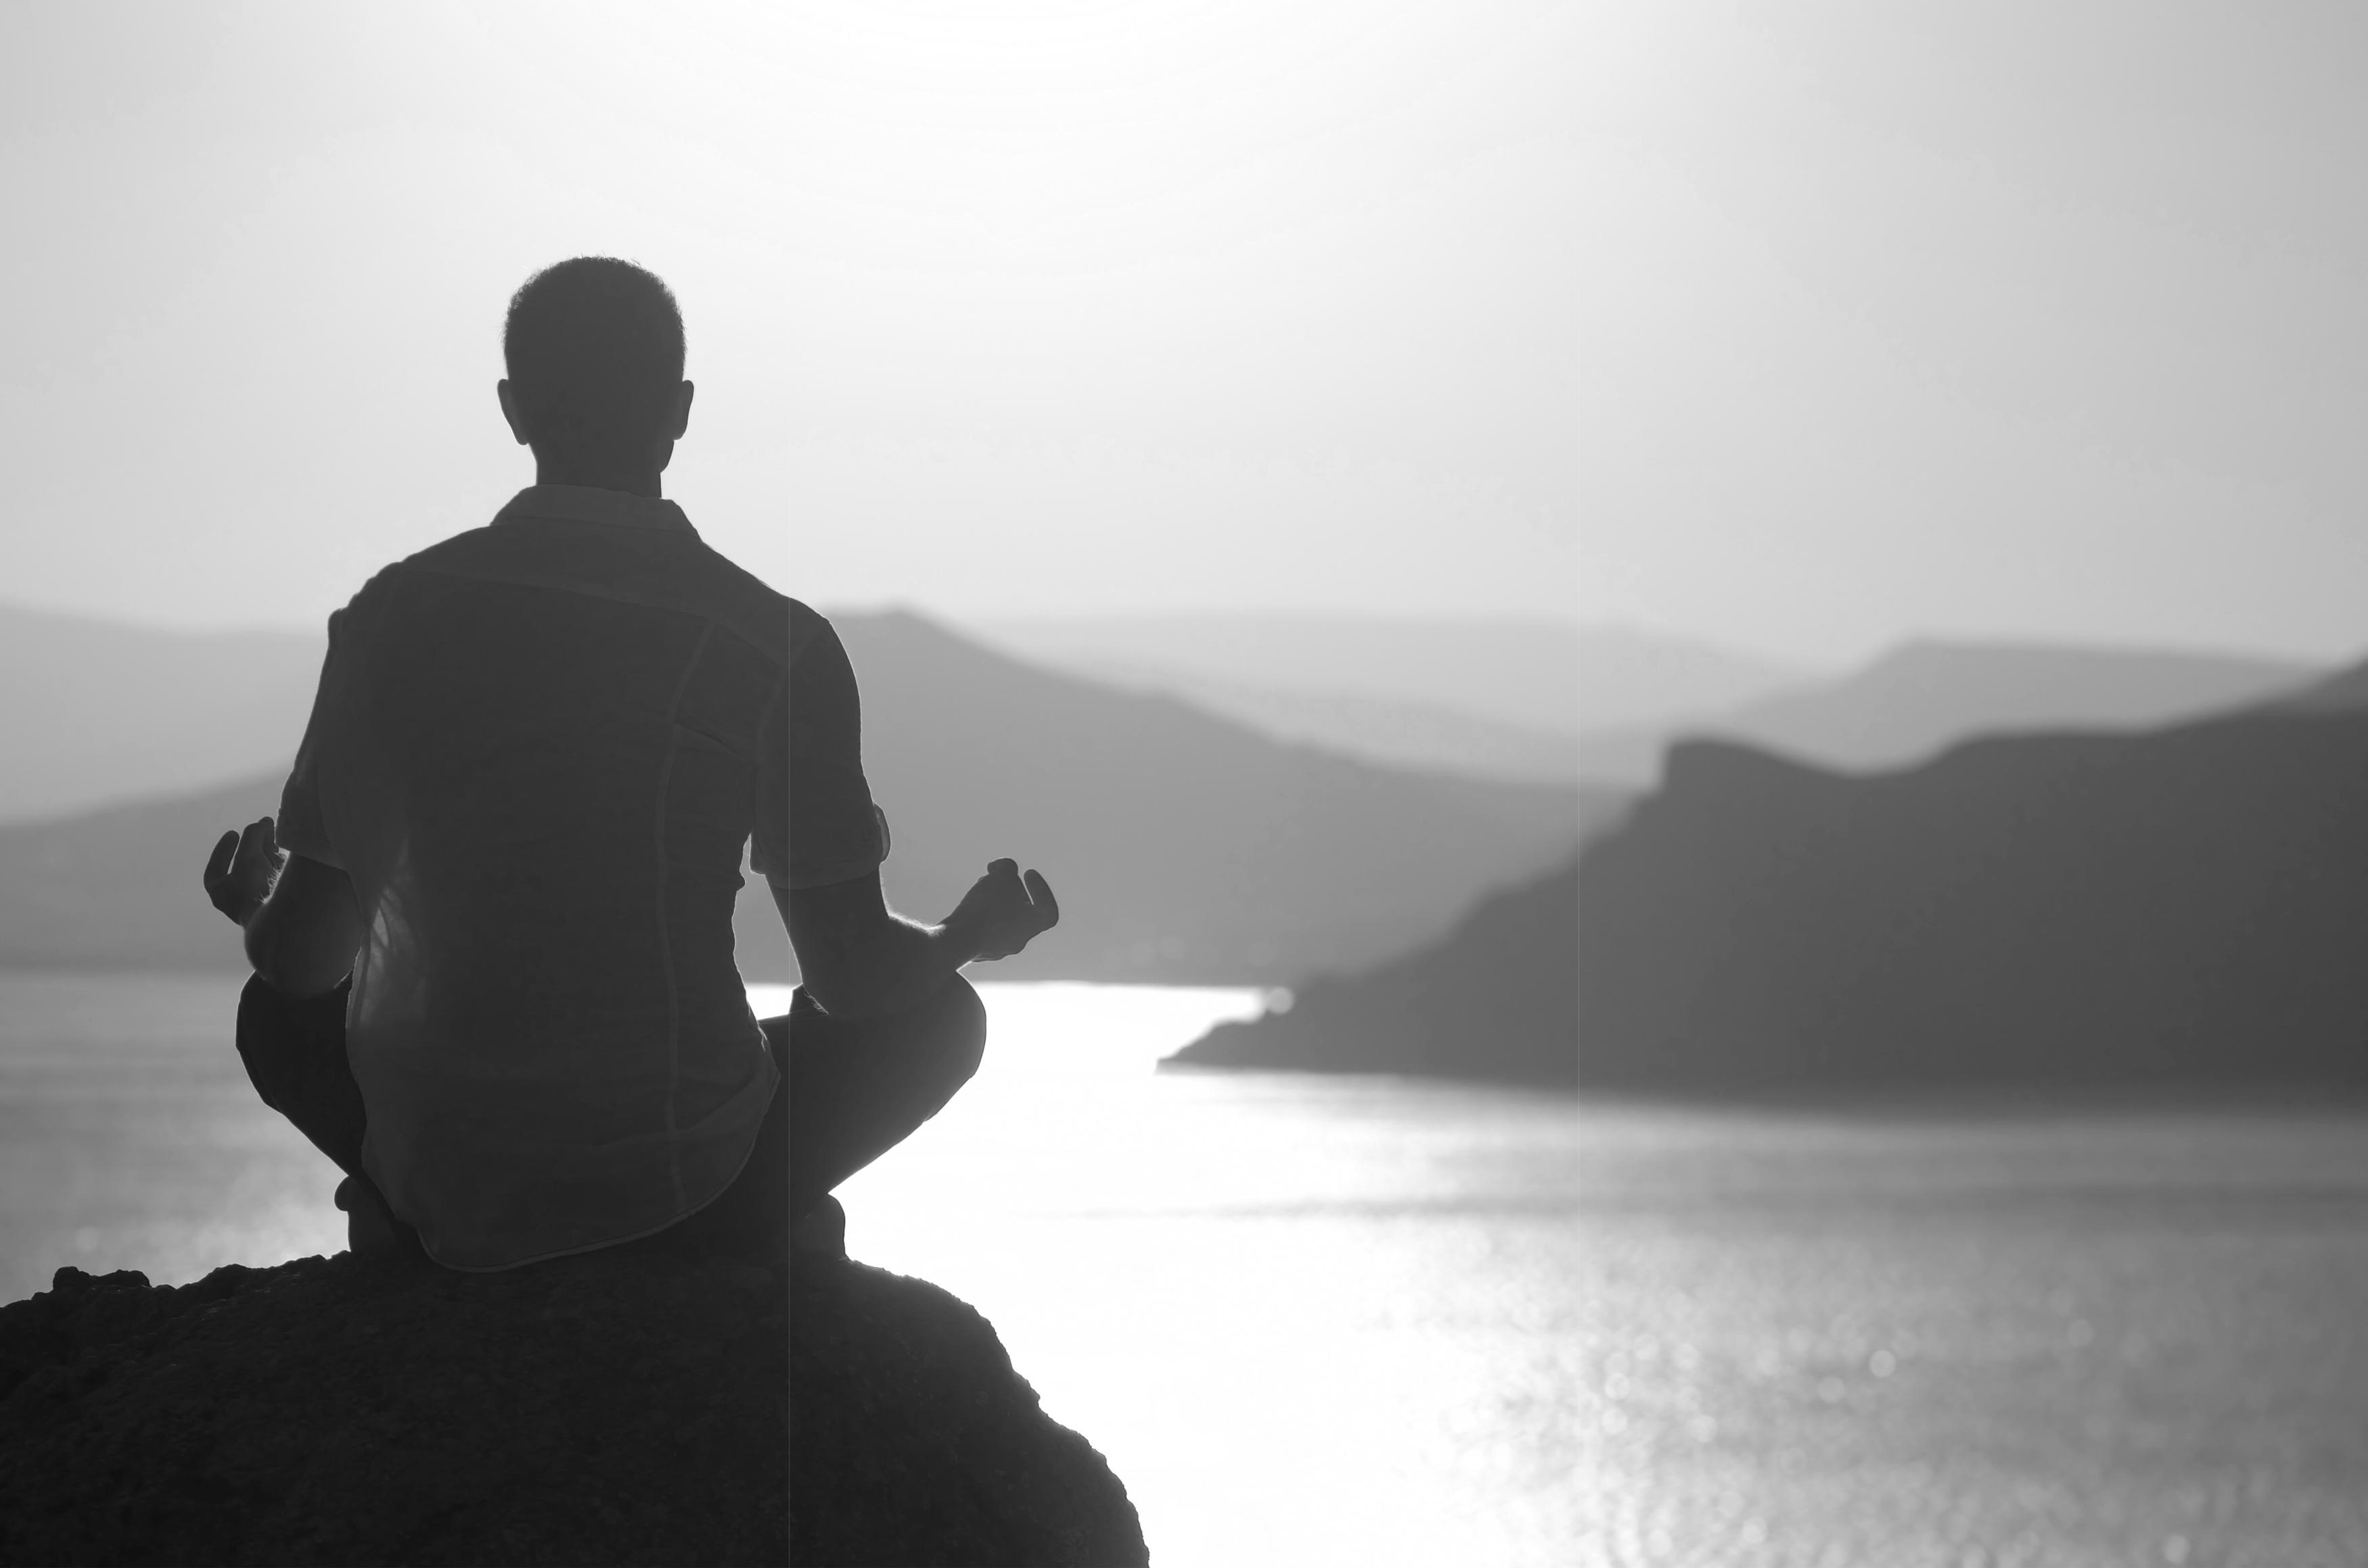 17 Zitate Von Jiddu Krishnamurti Die Dein Leben Ruhiger Und